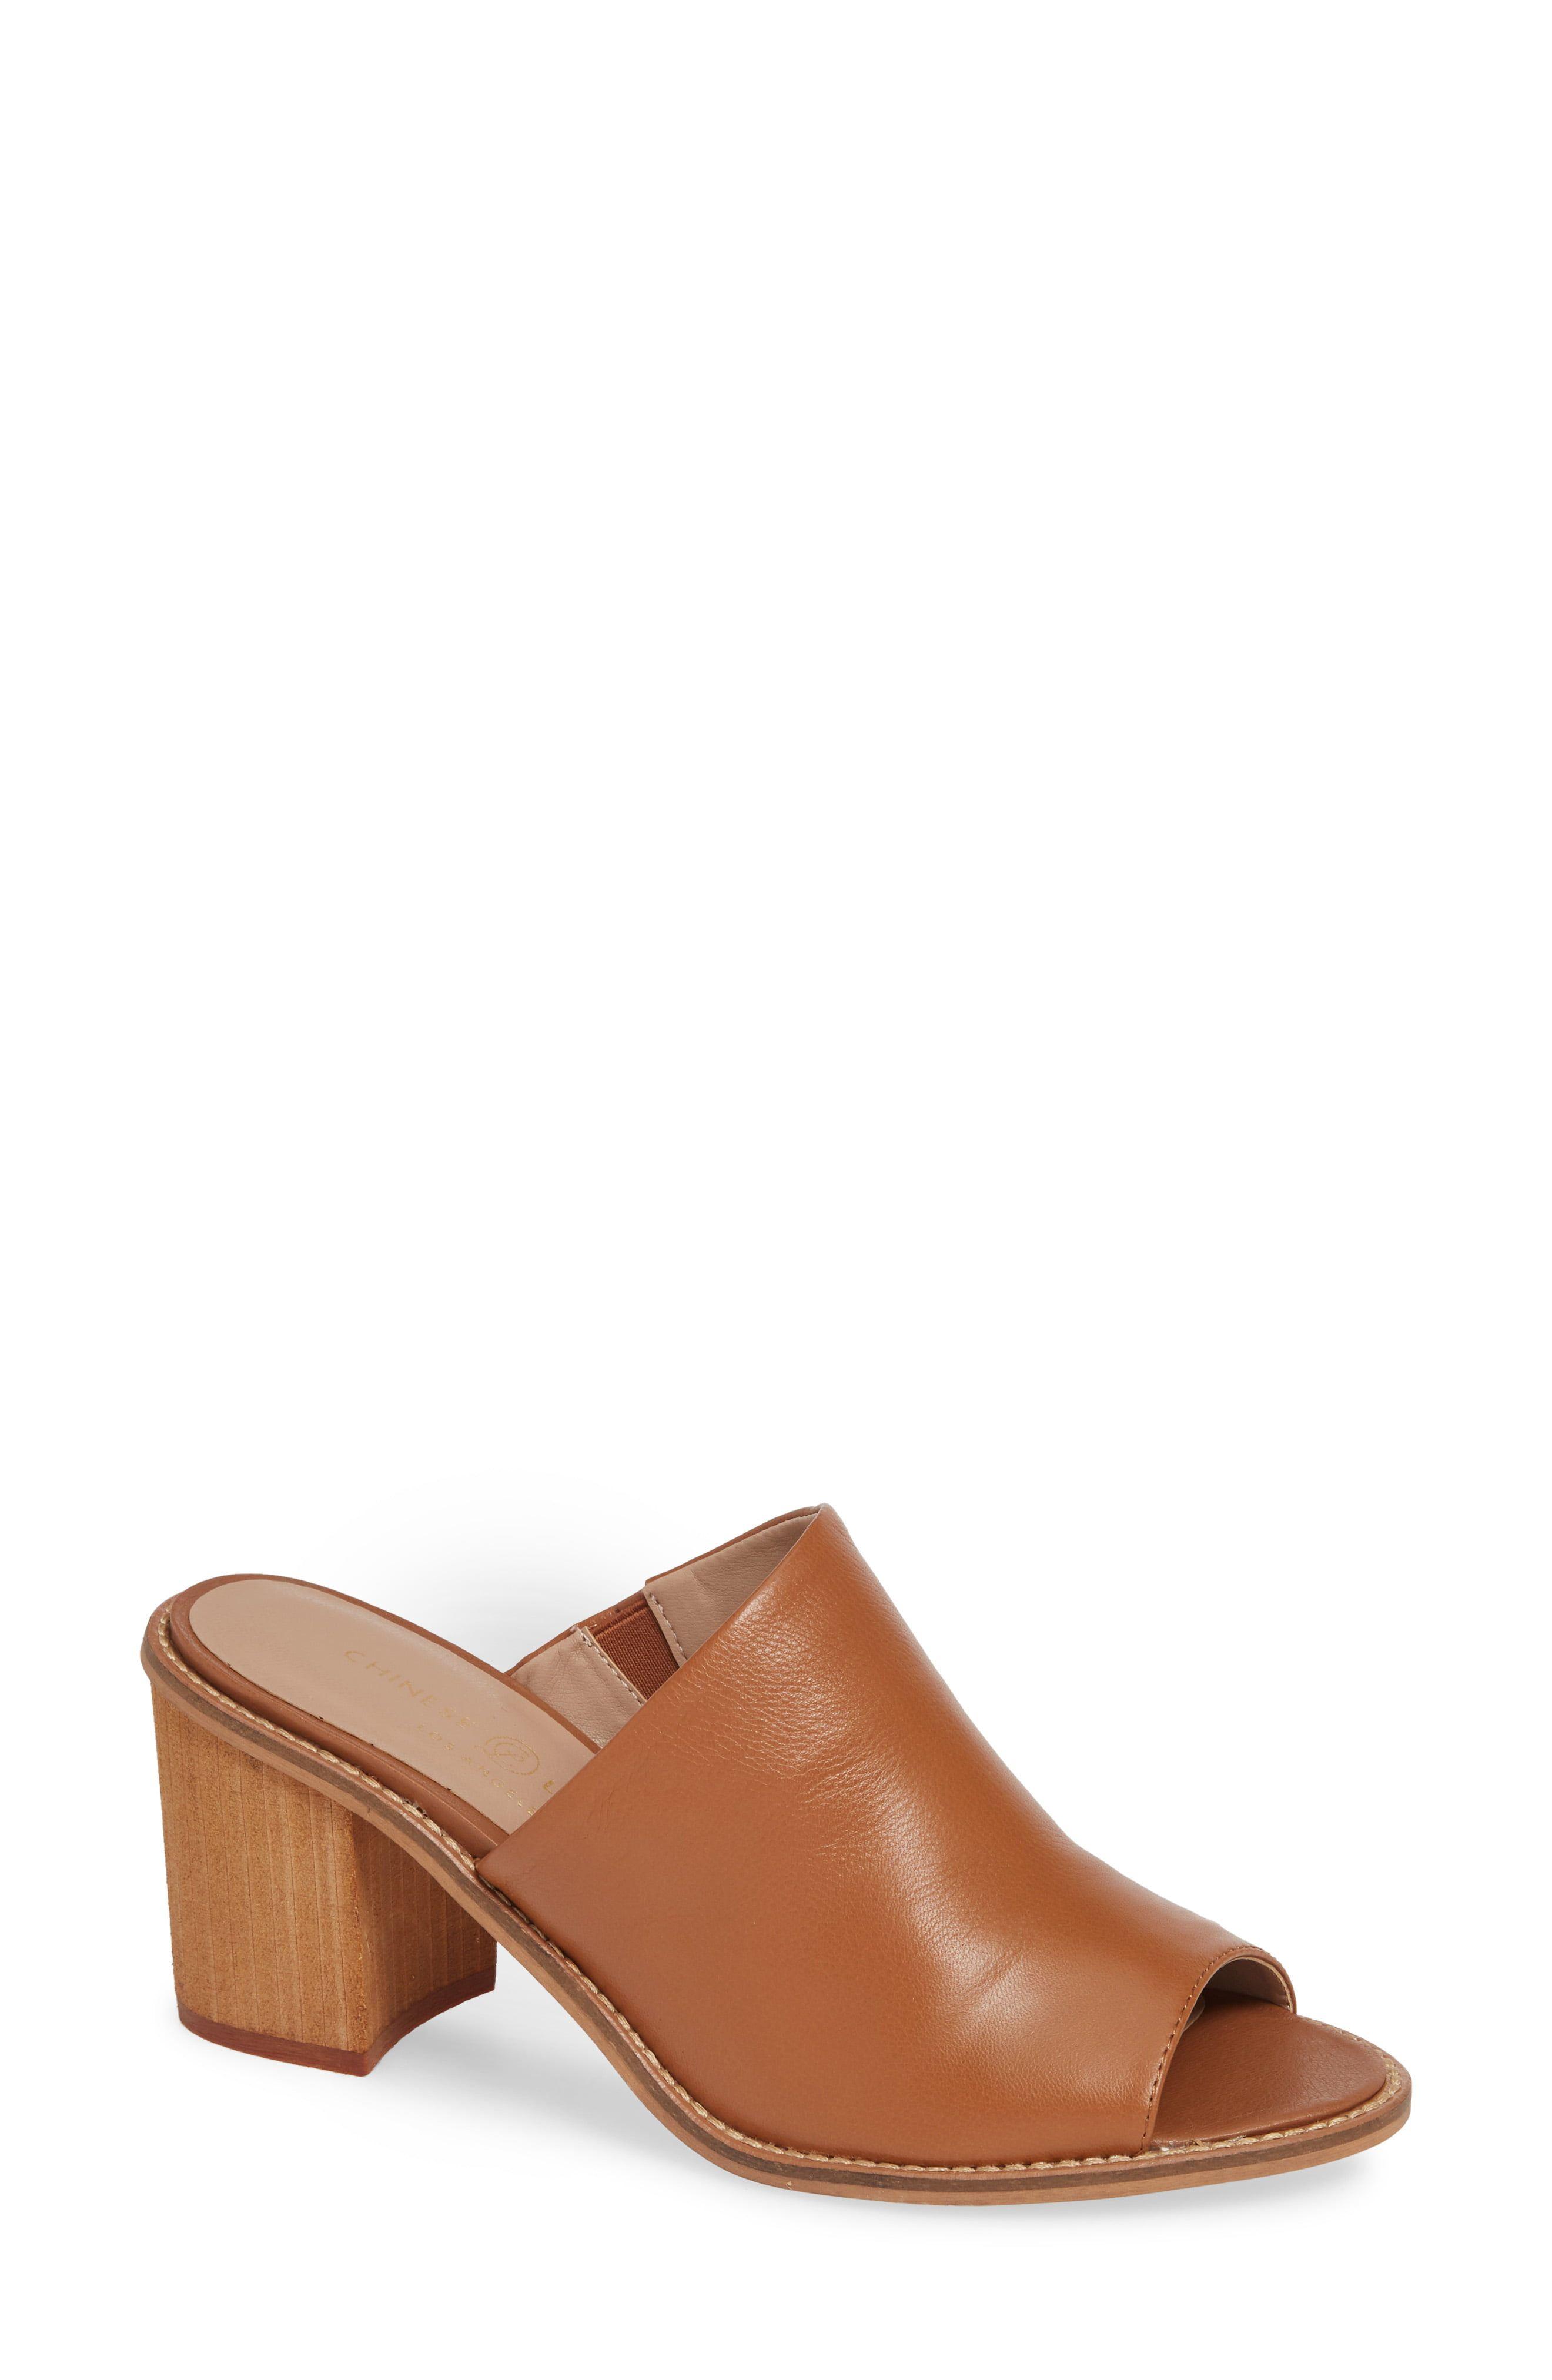 Chinese Laundry Carlin Slide Sandal Women Slide Sandals